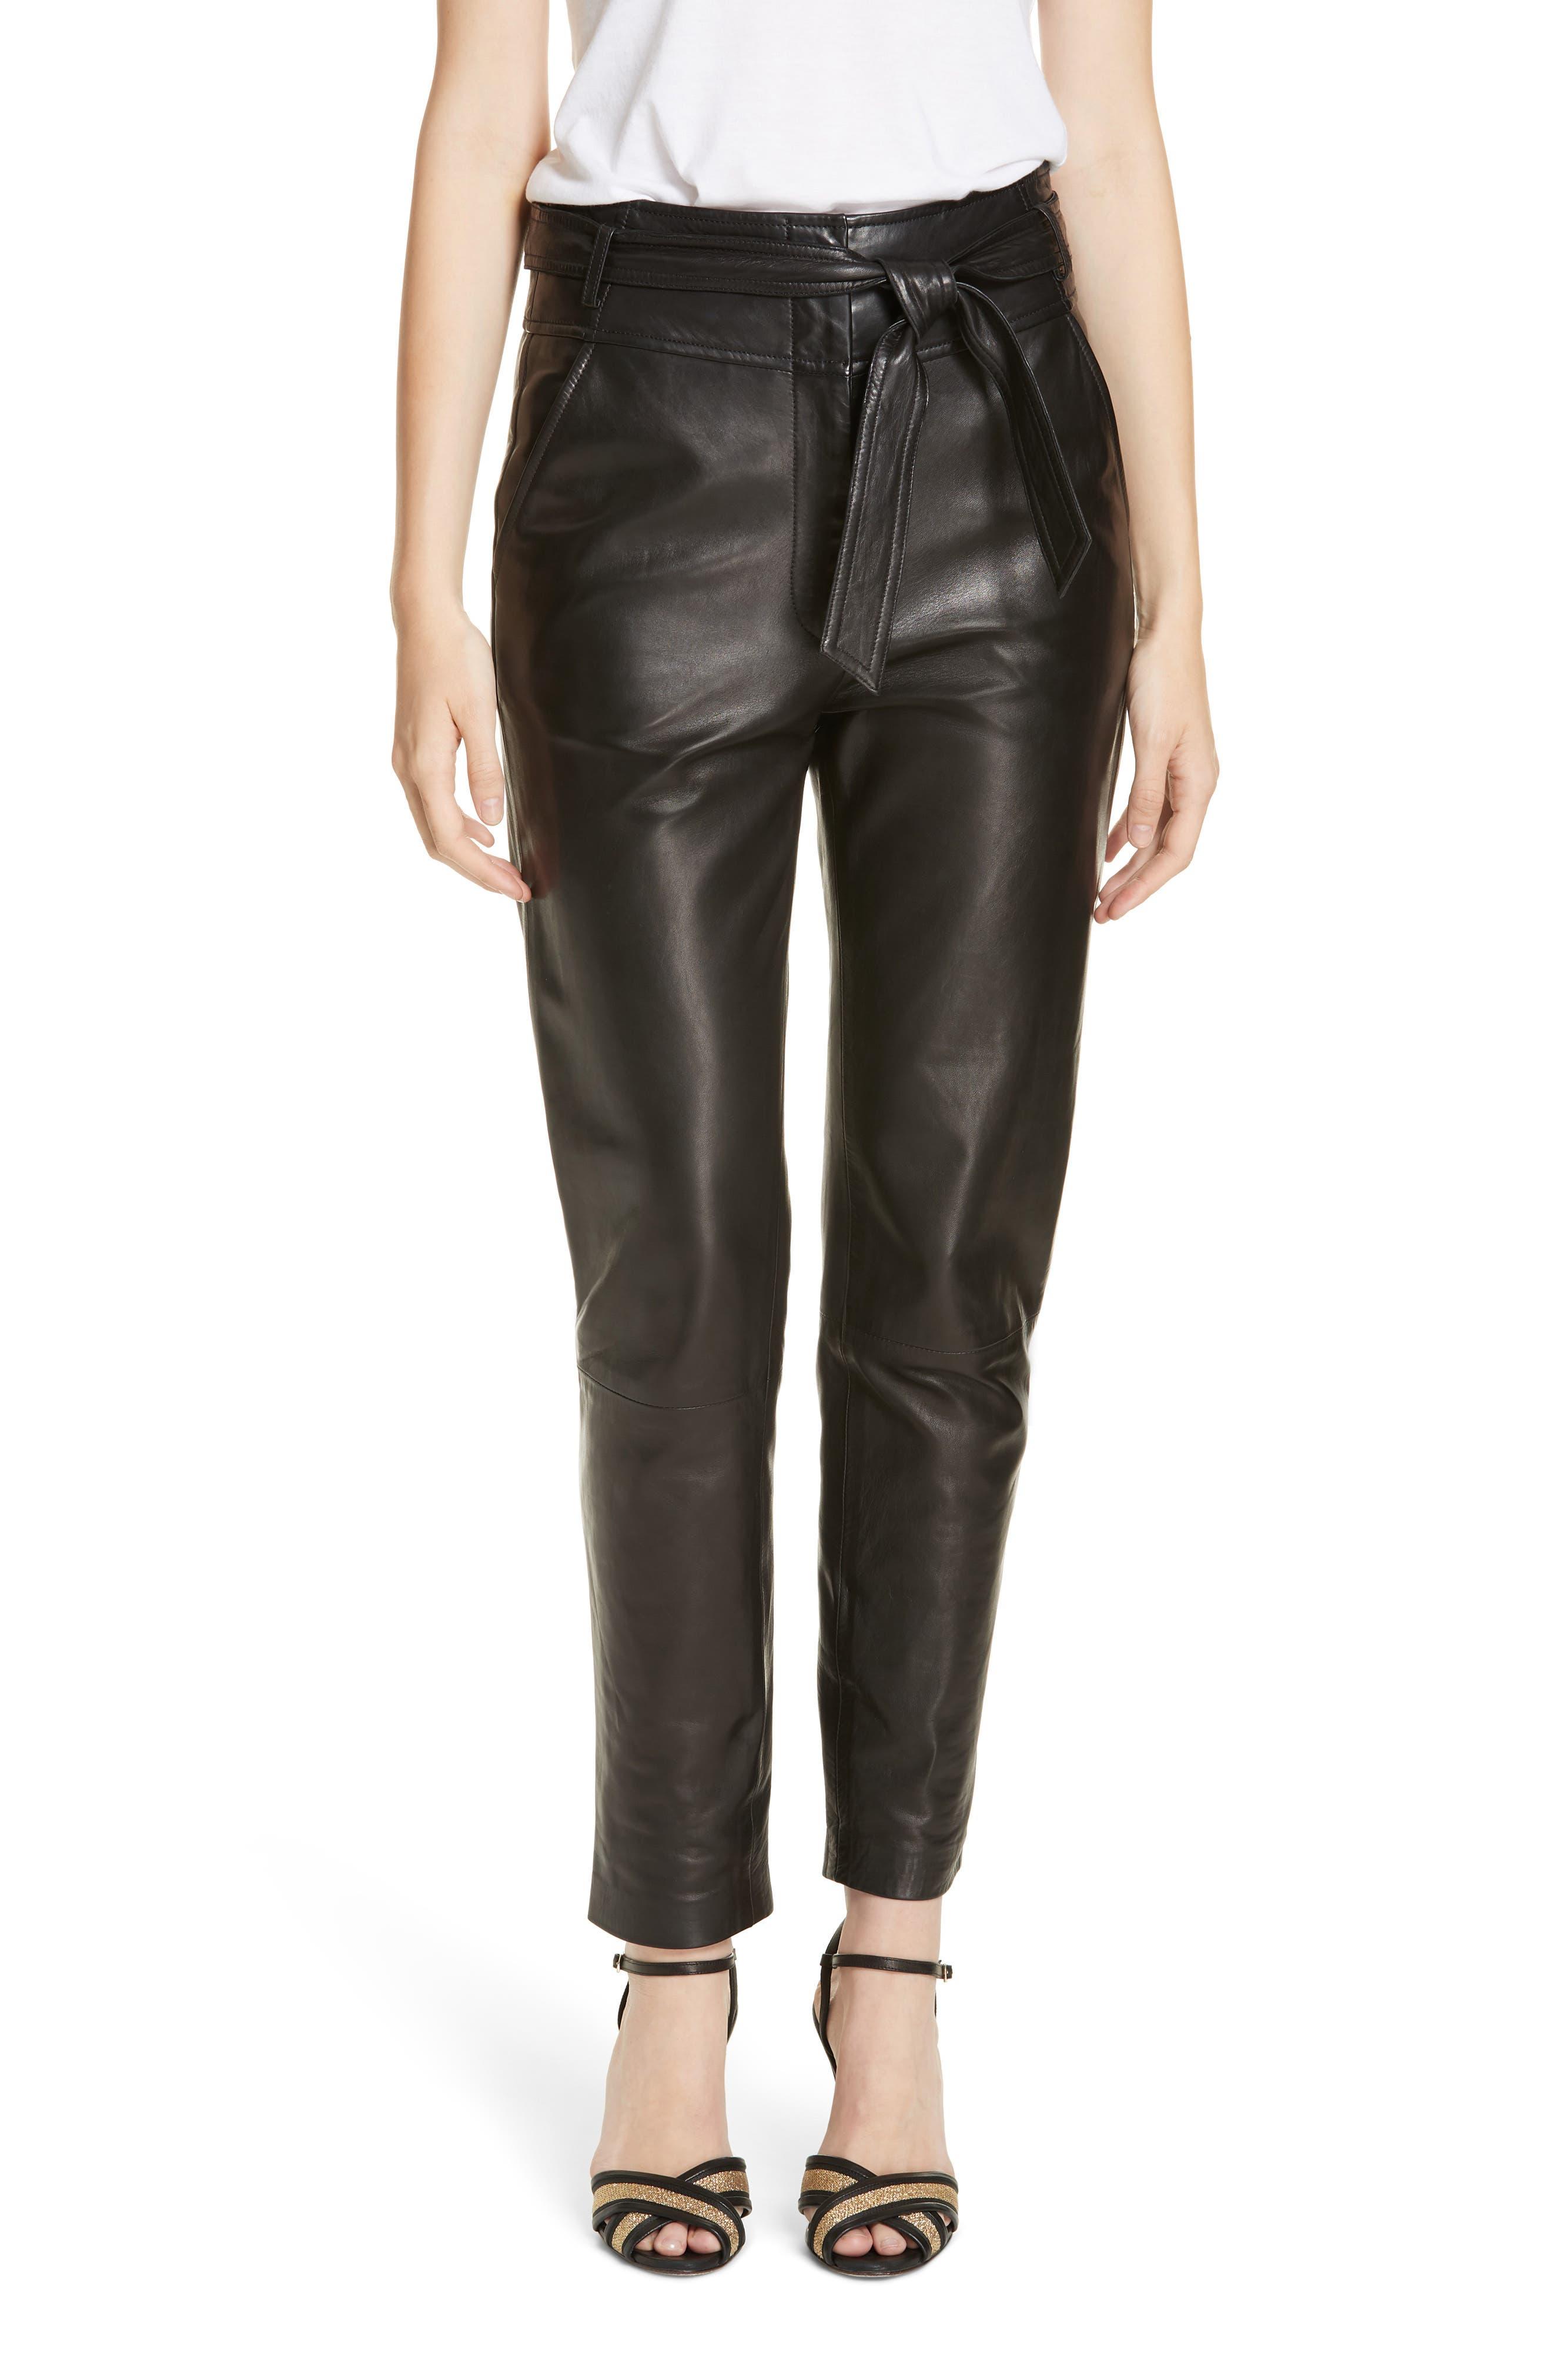 Faxon Leather Pants,                             Main thumbnail 1, color,                             BLACK